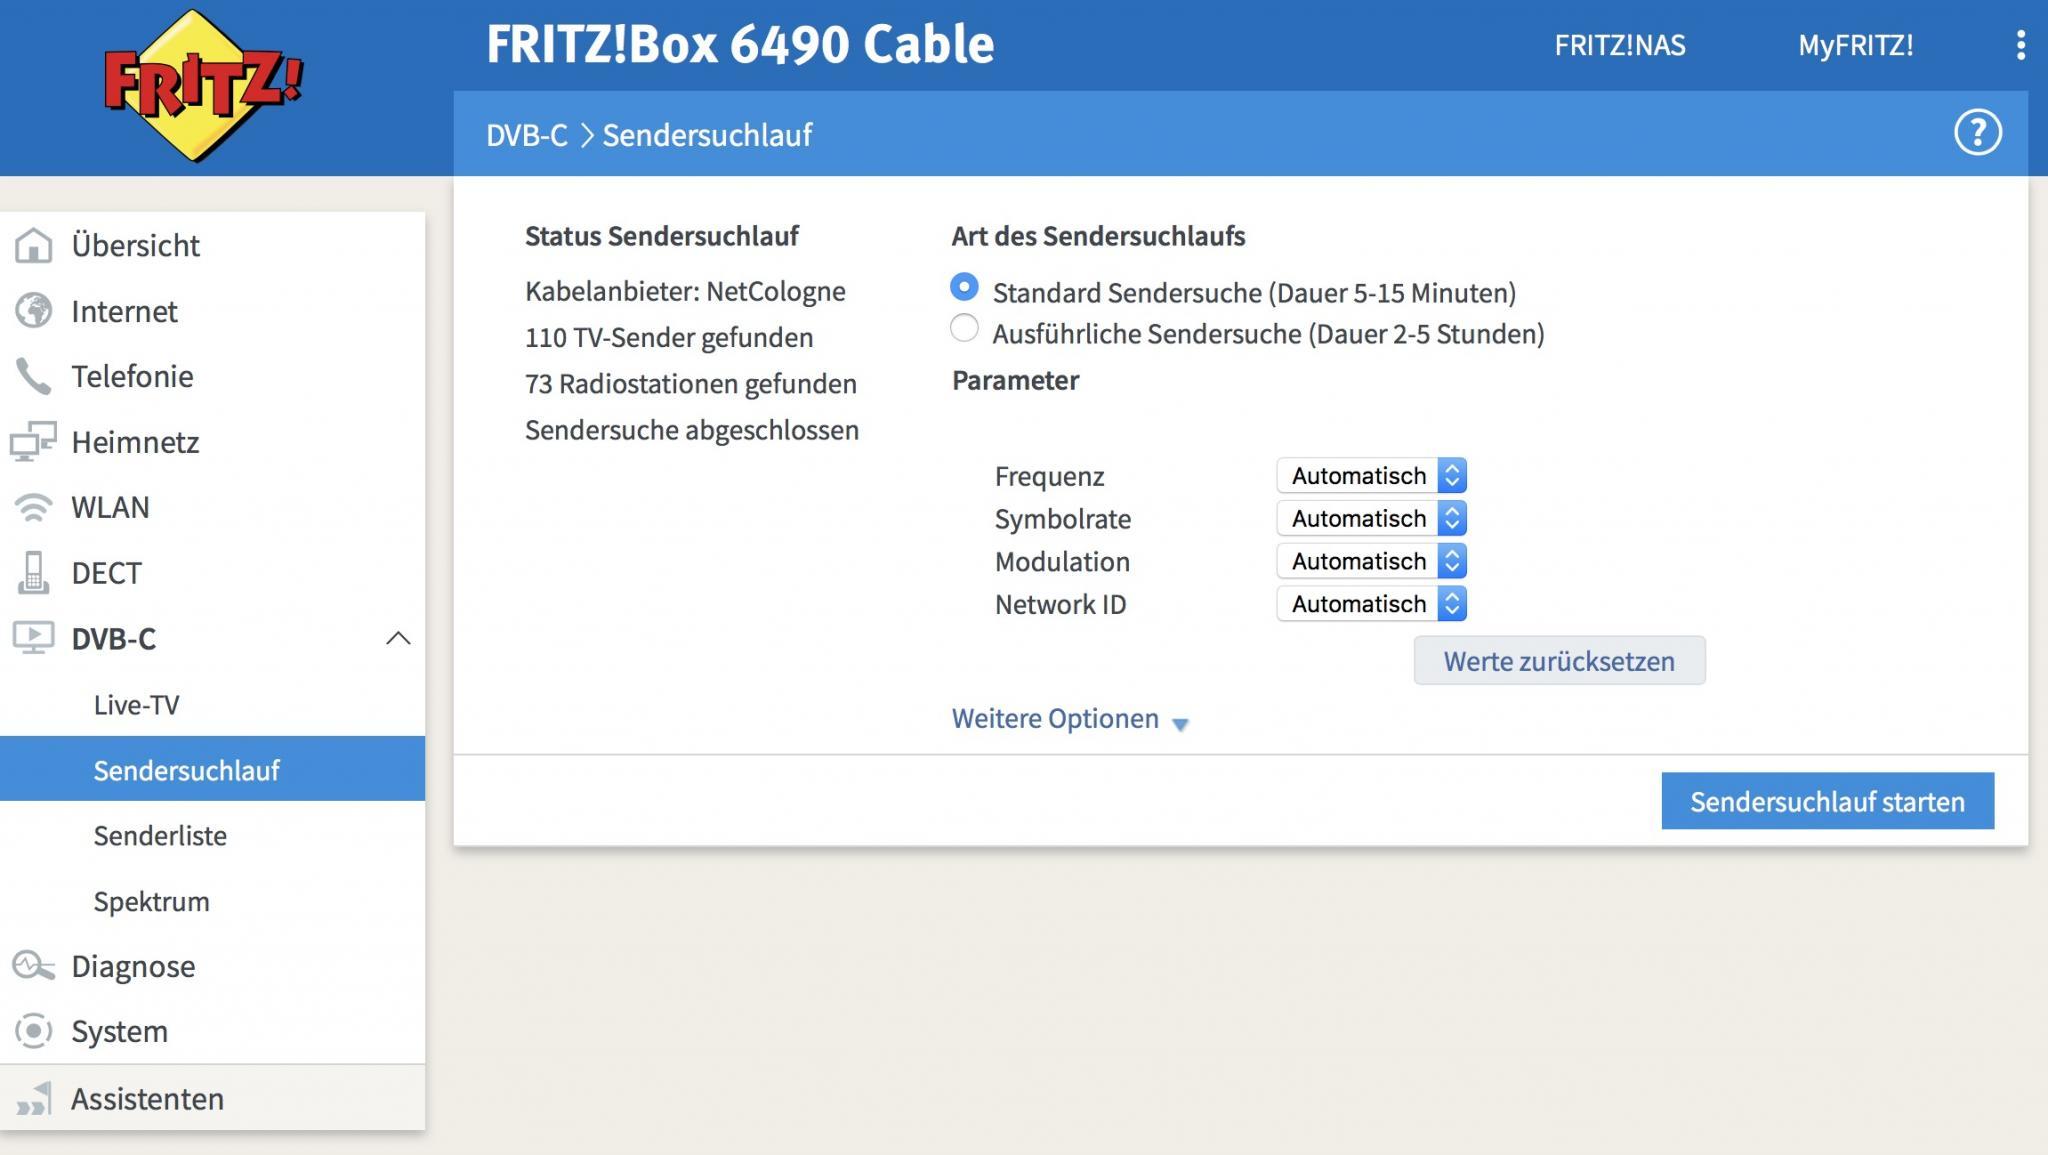 Die FritzBox streamt die Sender nach einem Sendersuchlauf...